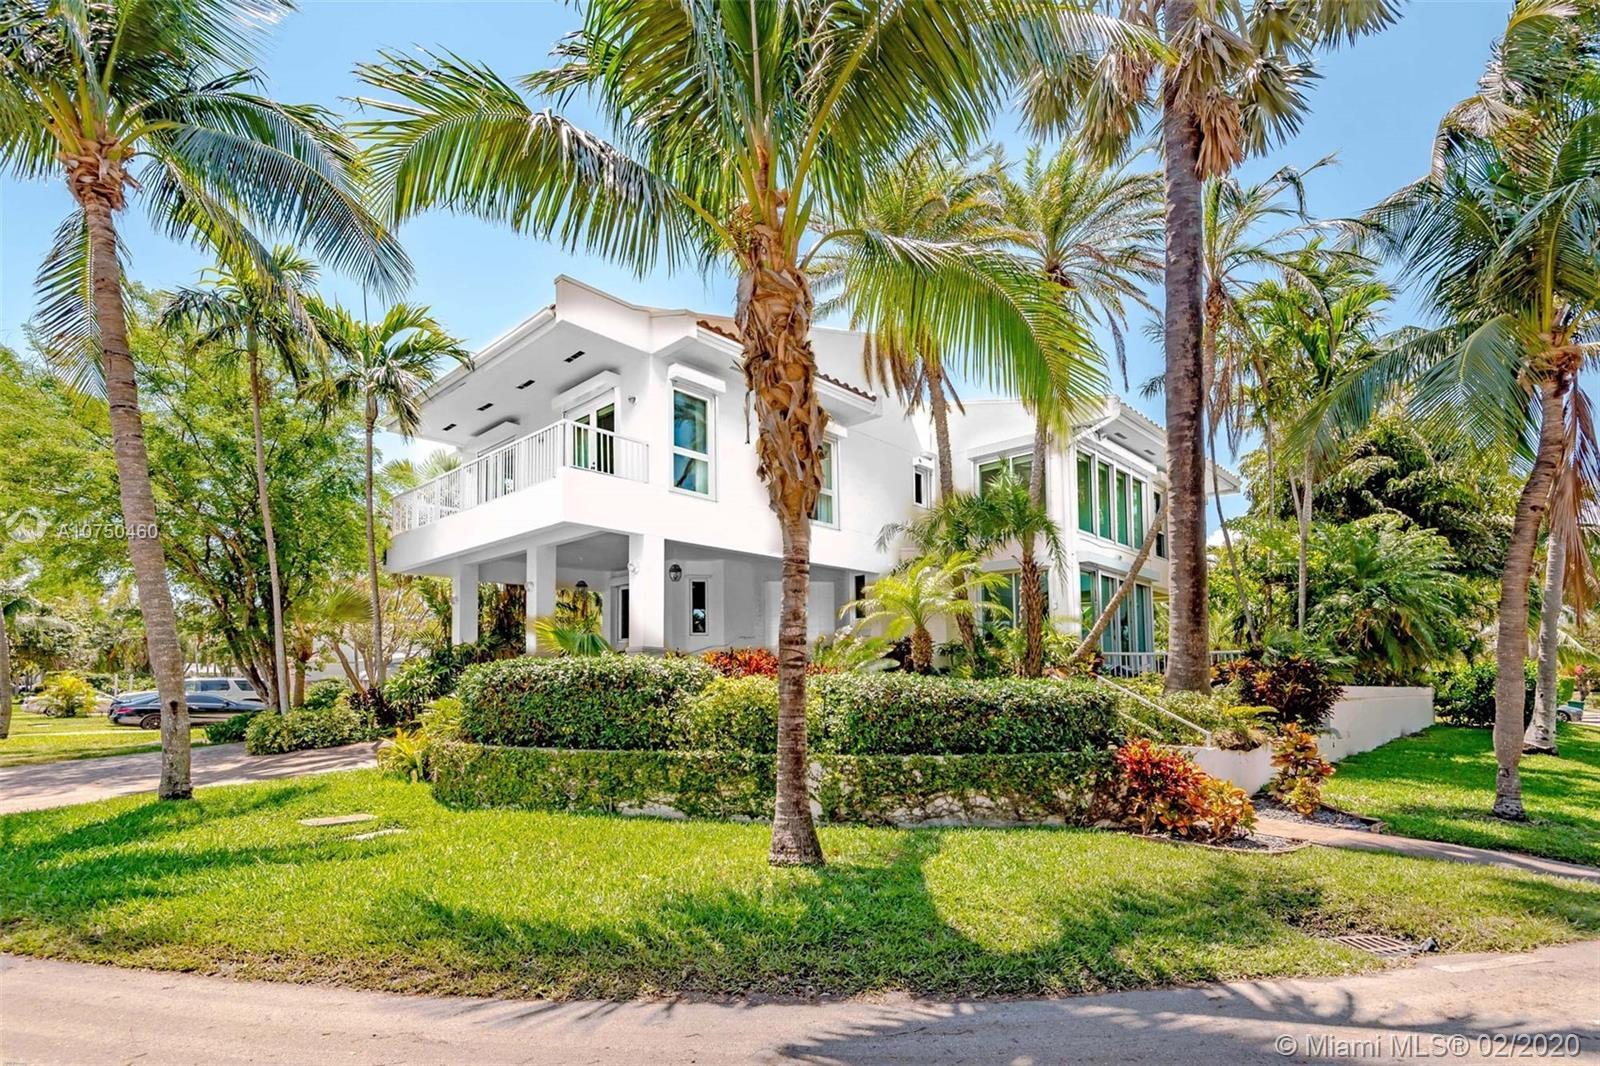 650 Curtiswood Dr, Key Biscayne, Florida